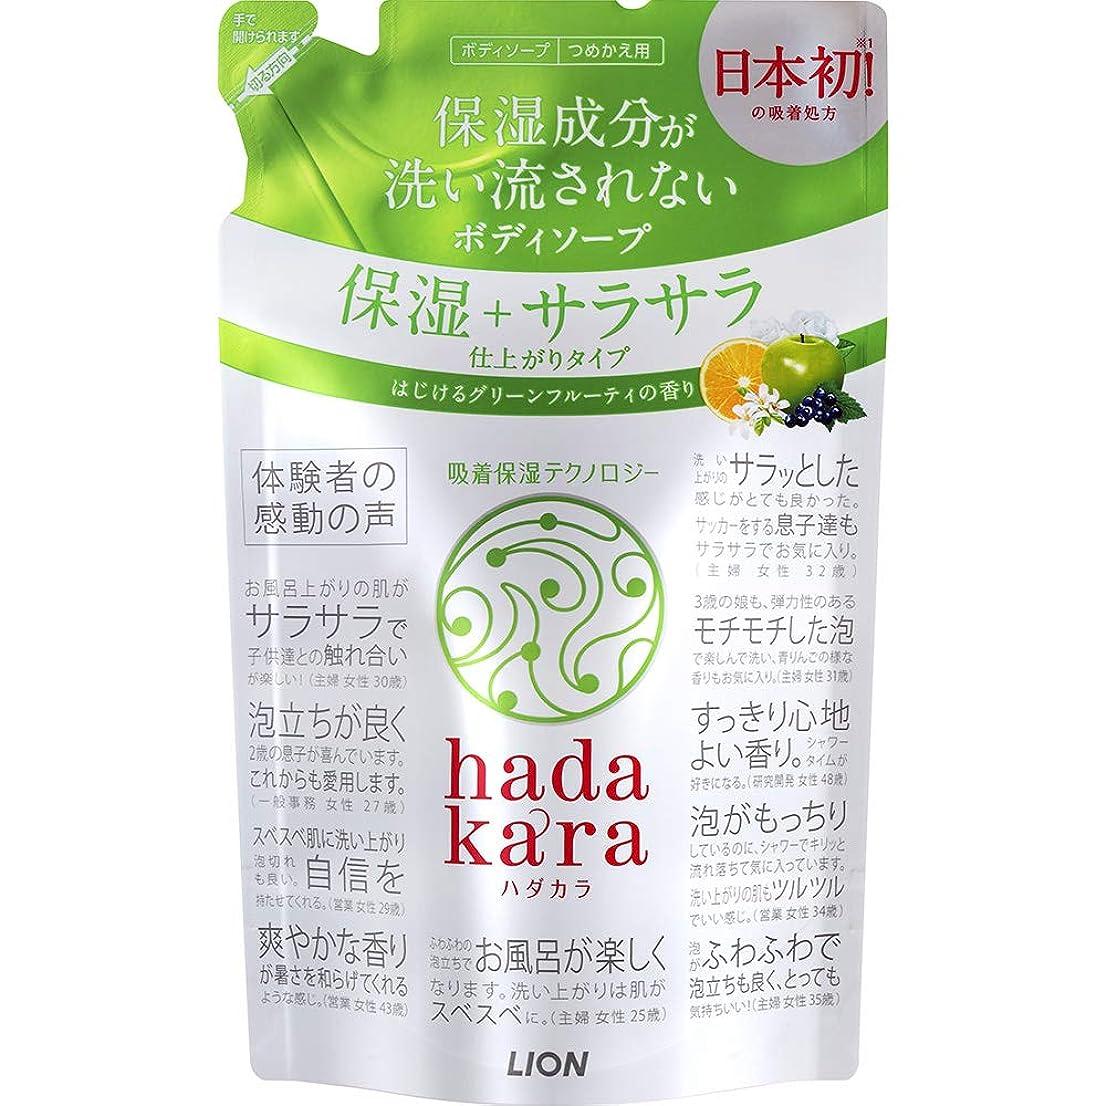 ポンプ観光グッゲンハイム美術館hadakara(ハダカラ) ボディソープ 保湿+サラサラ仕上がりタイプ グリーンフルーティの香り 詰め替え 340ml